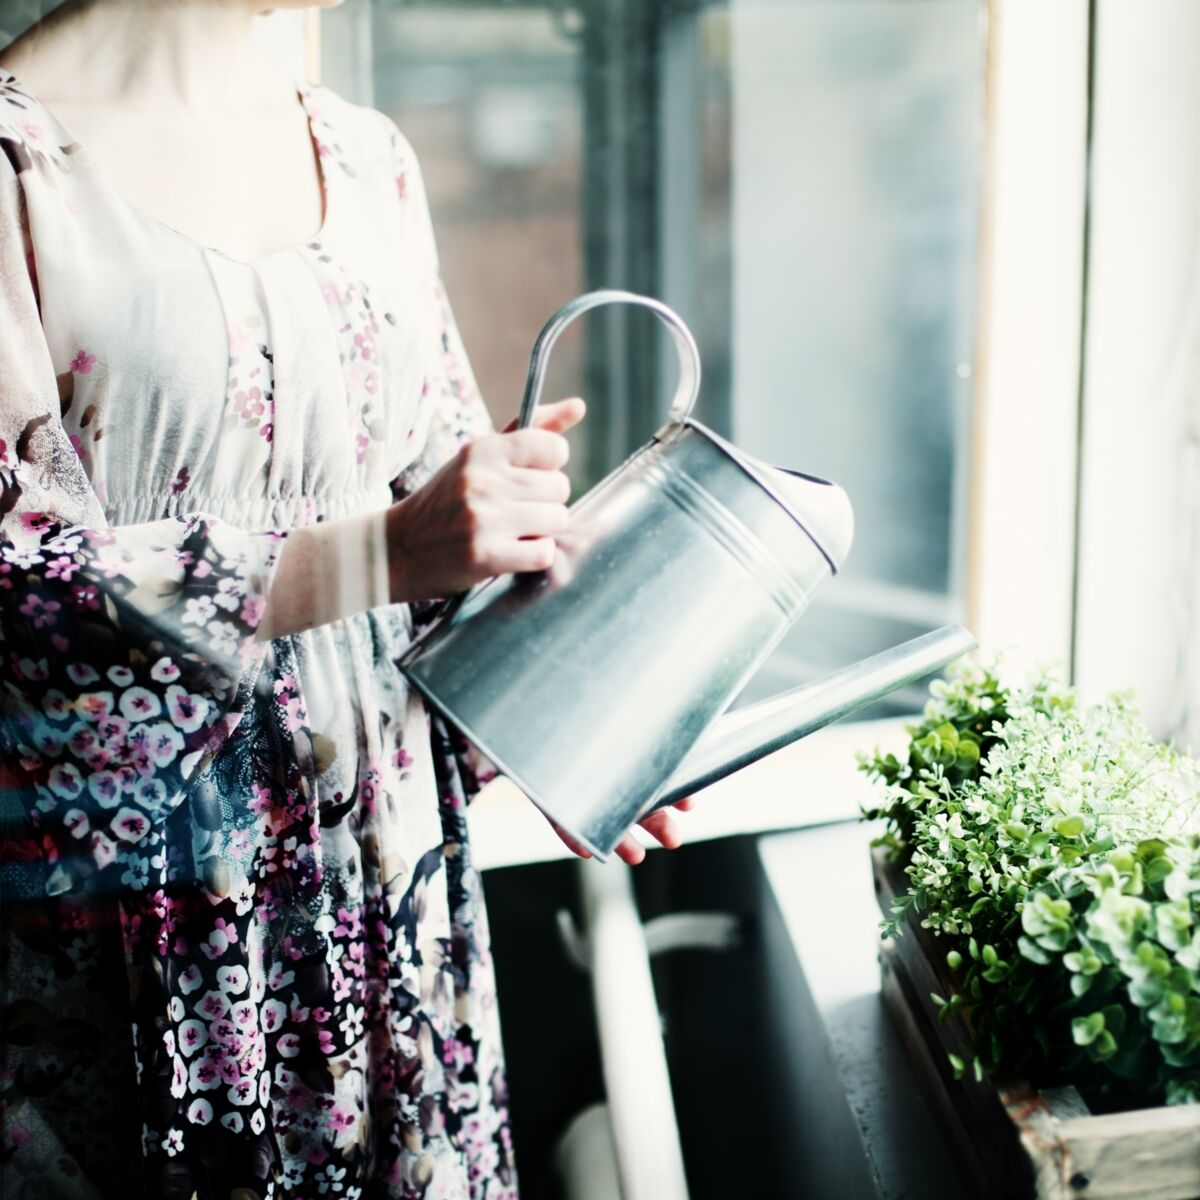 Comment Arroser Mes Plantes Pendant Les Vacances l'astuce pour savoir s'il est temps d'arroser sa plante